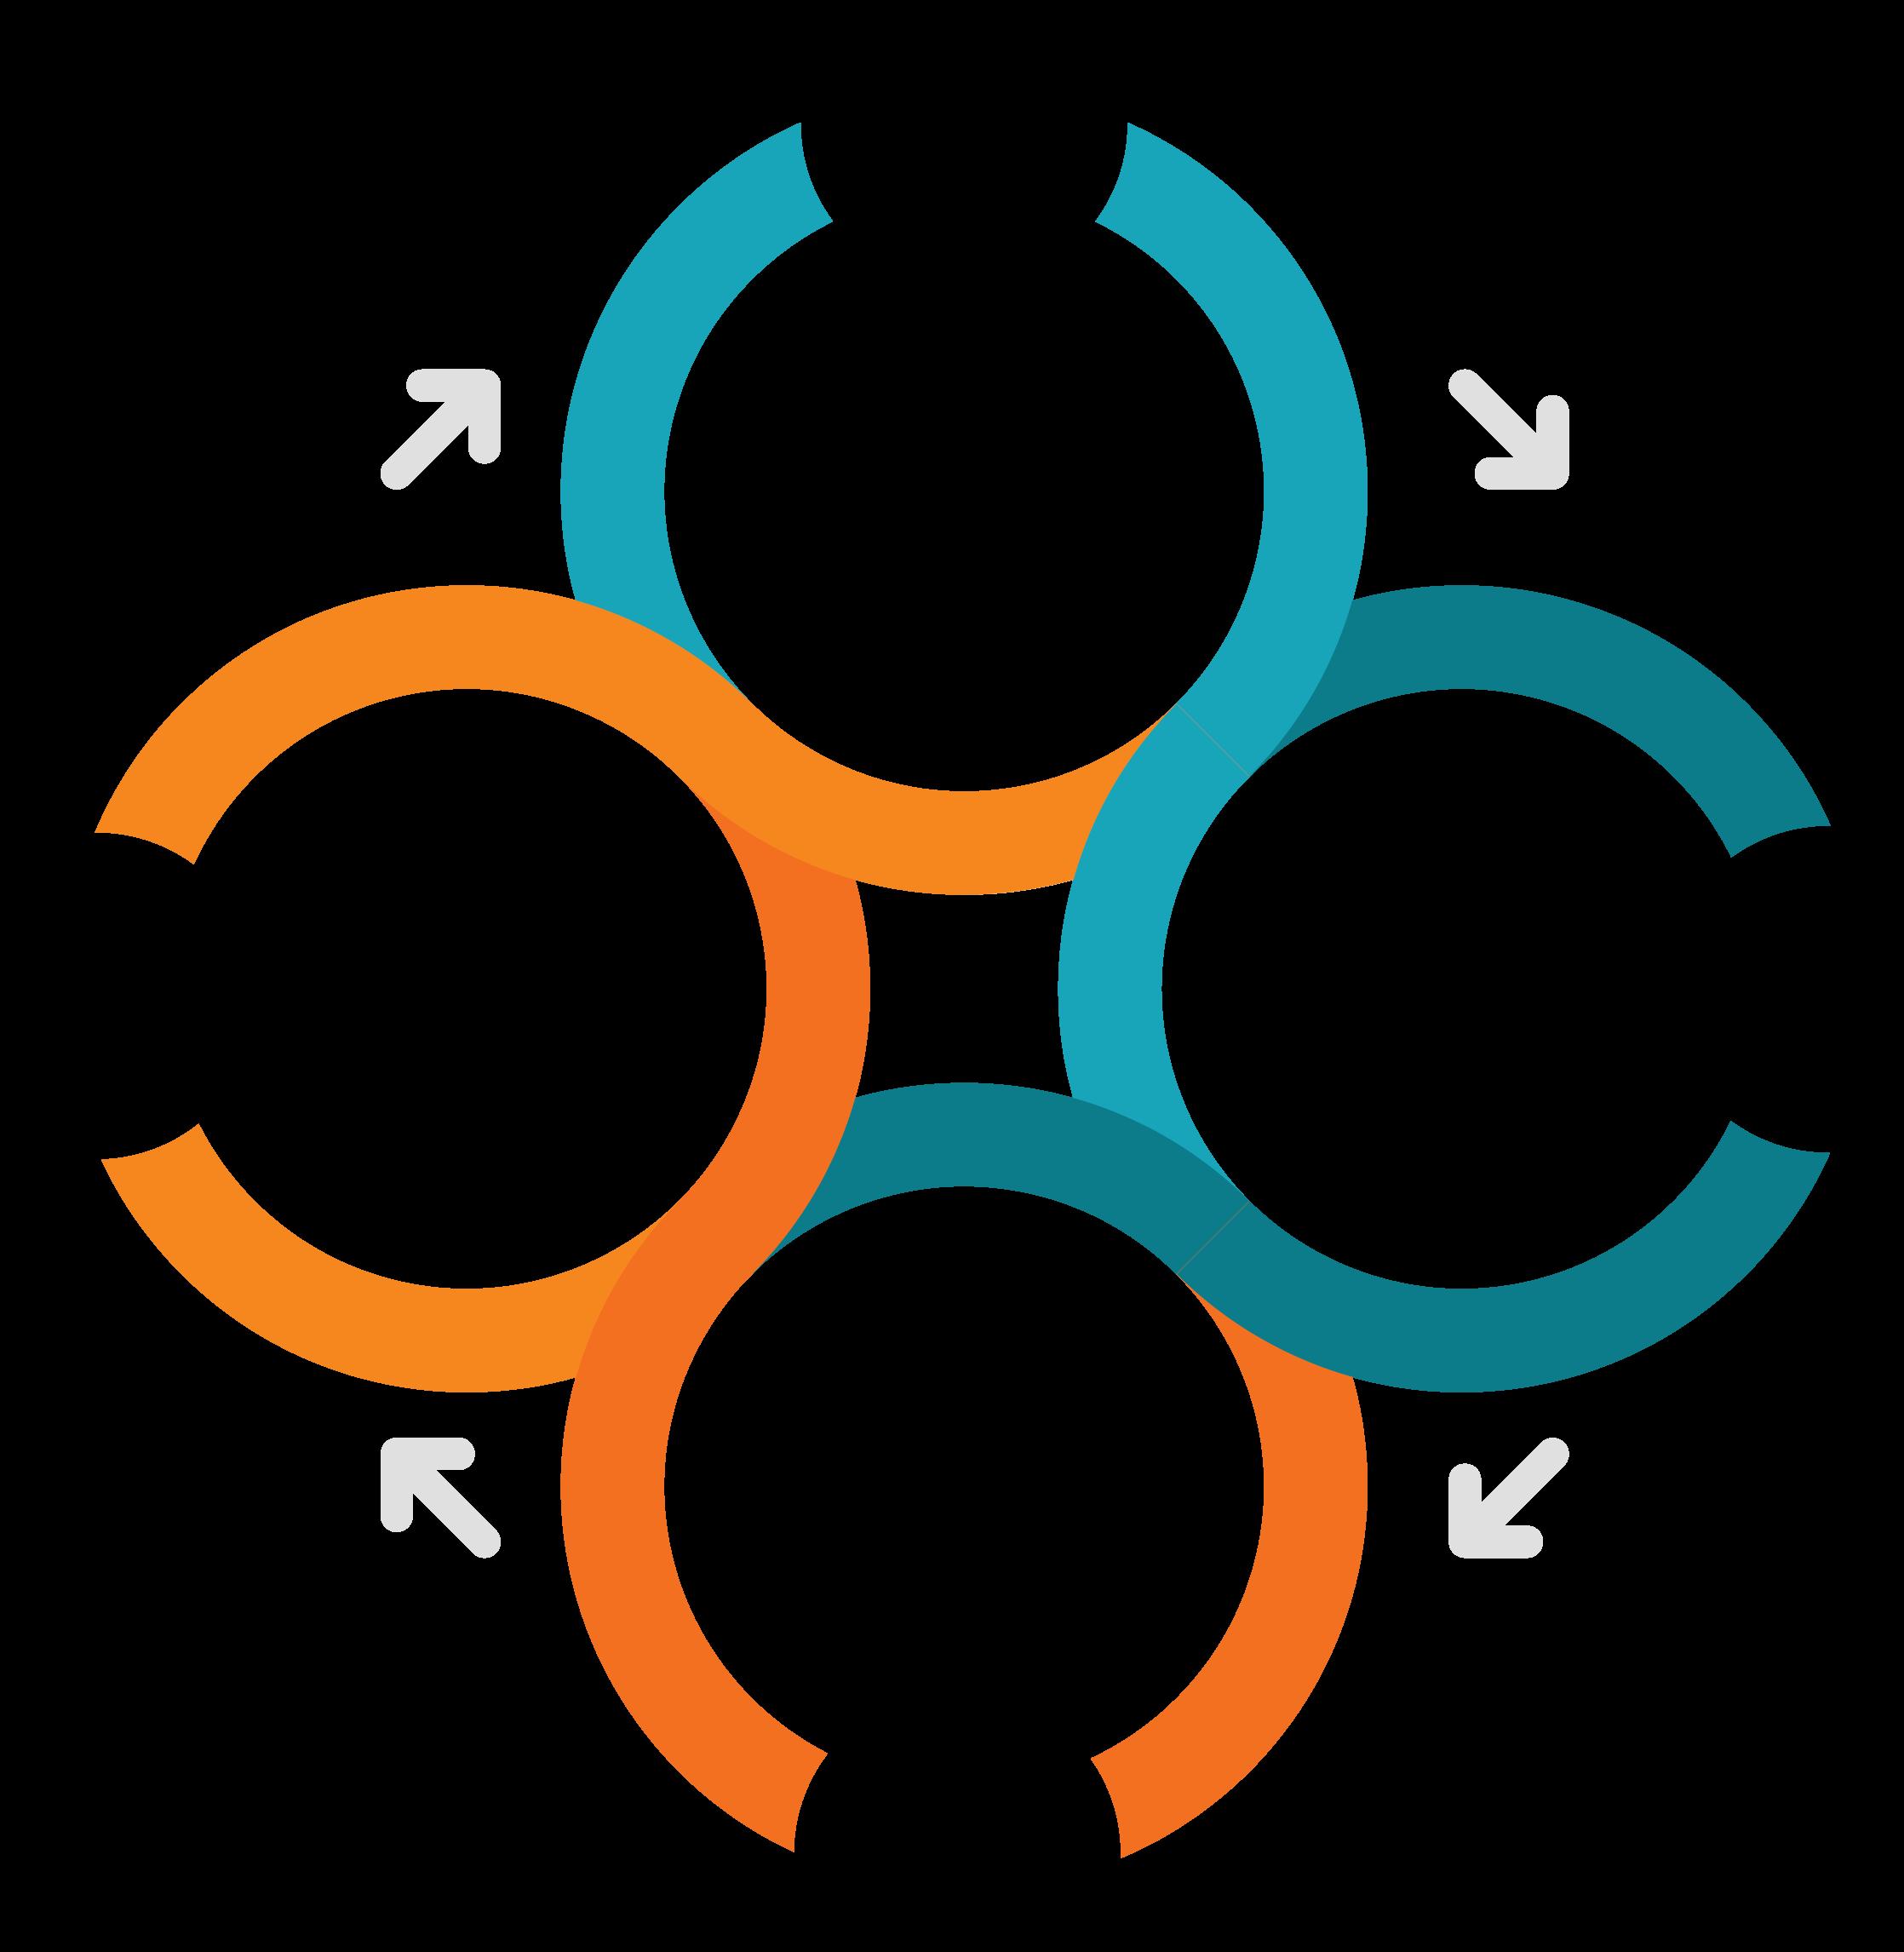 Flicker Leap Work Process